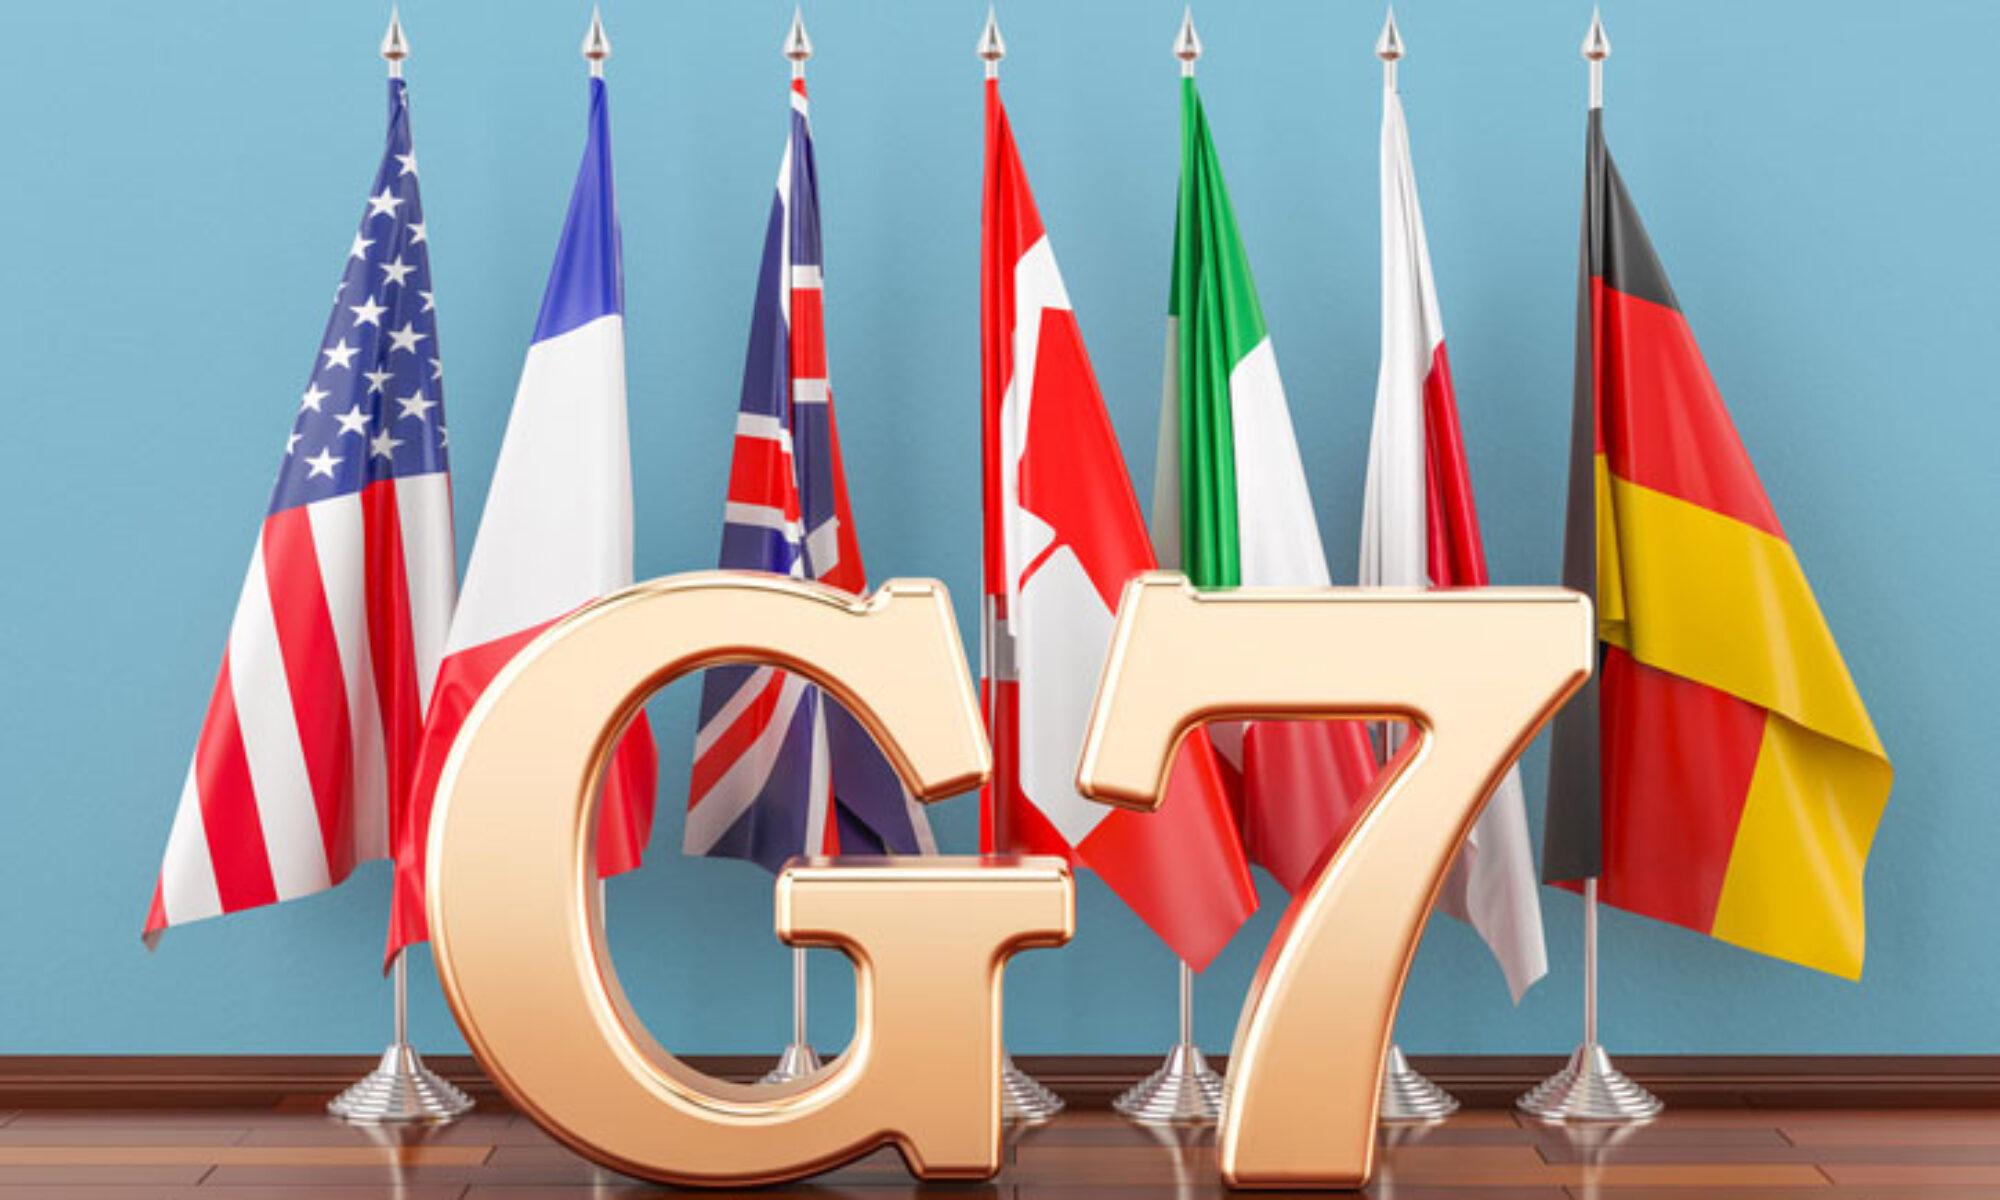 G7 ژ بۆ جێبەجێکرنا ھەموو بەندێن چارەسەریا سیاسی ل سووریێ پێکهاتن